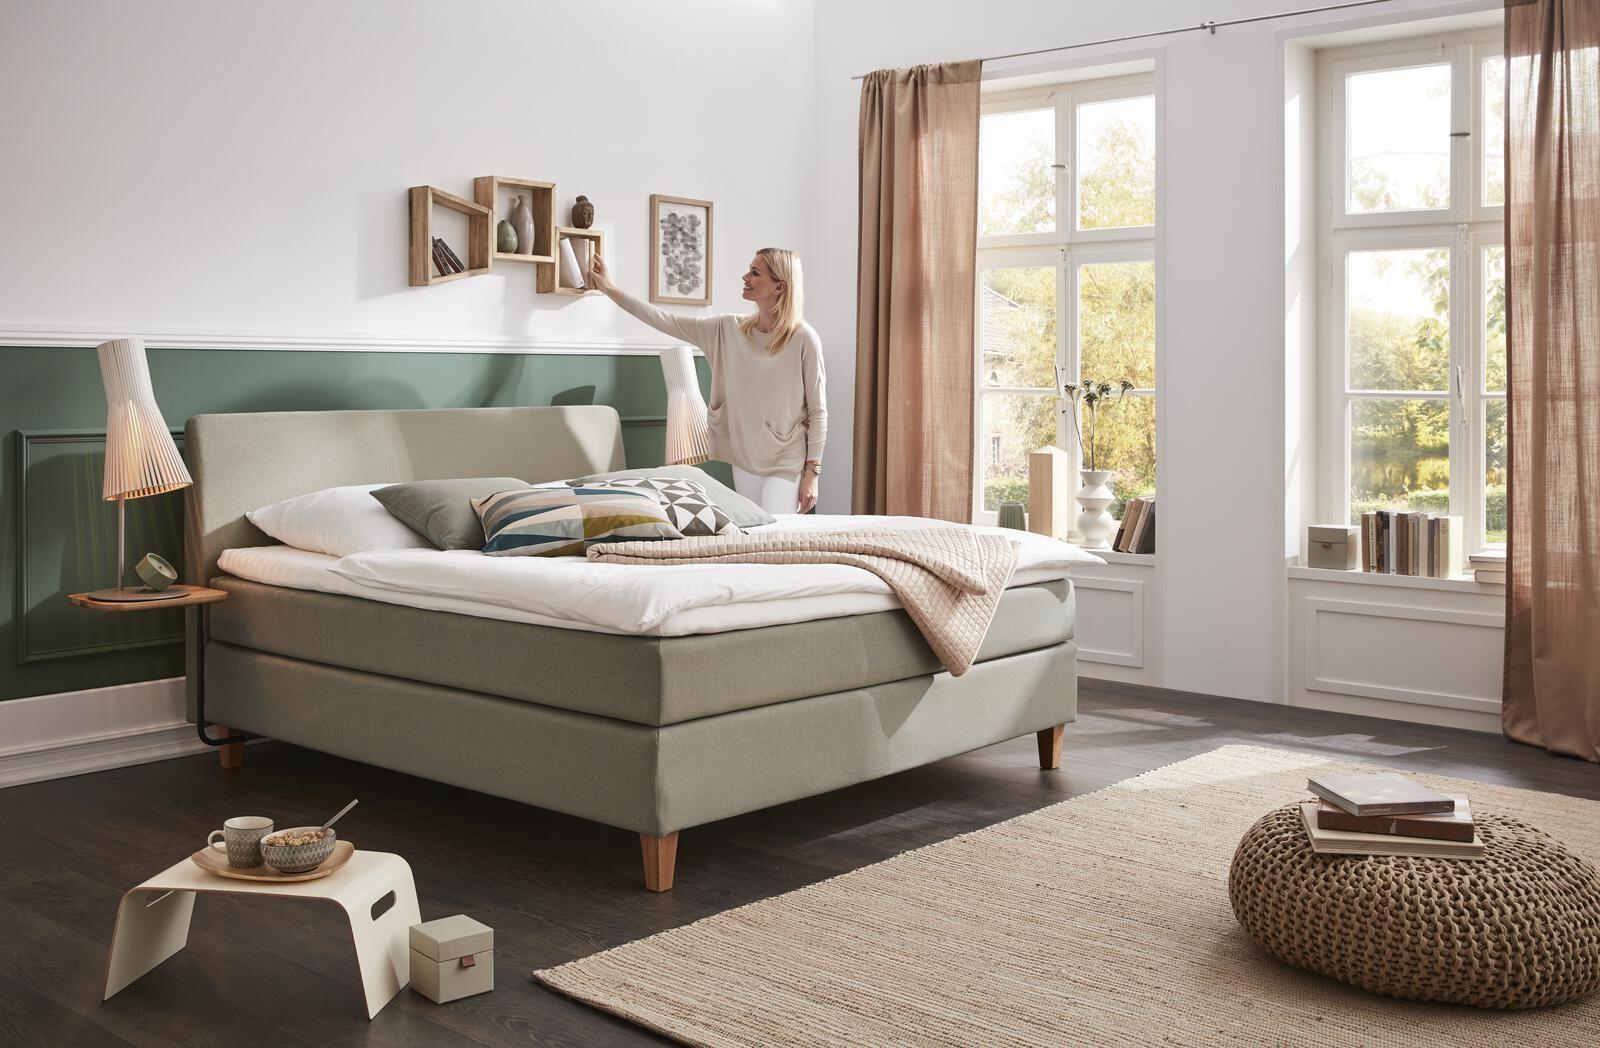 #boxspringbett #schafzimmer #bedroom #bedroominspo